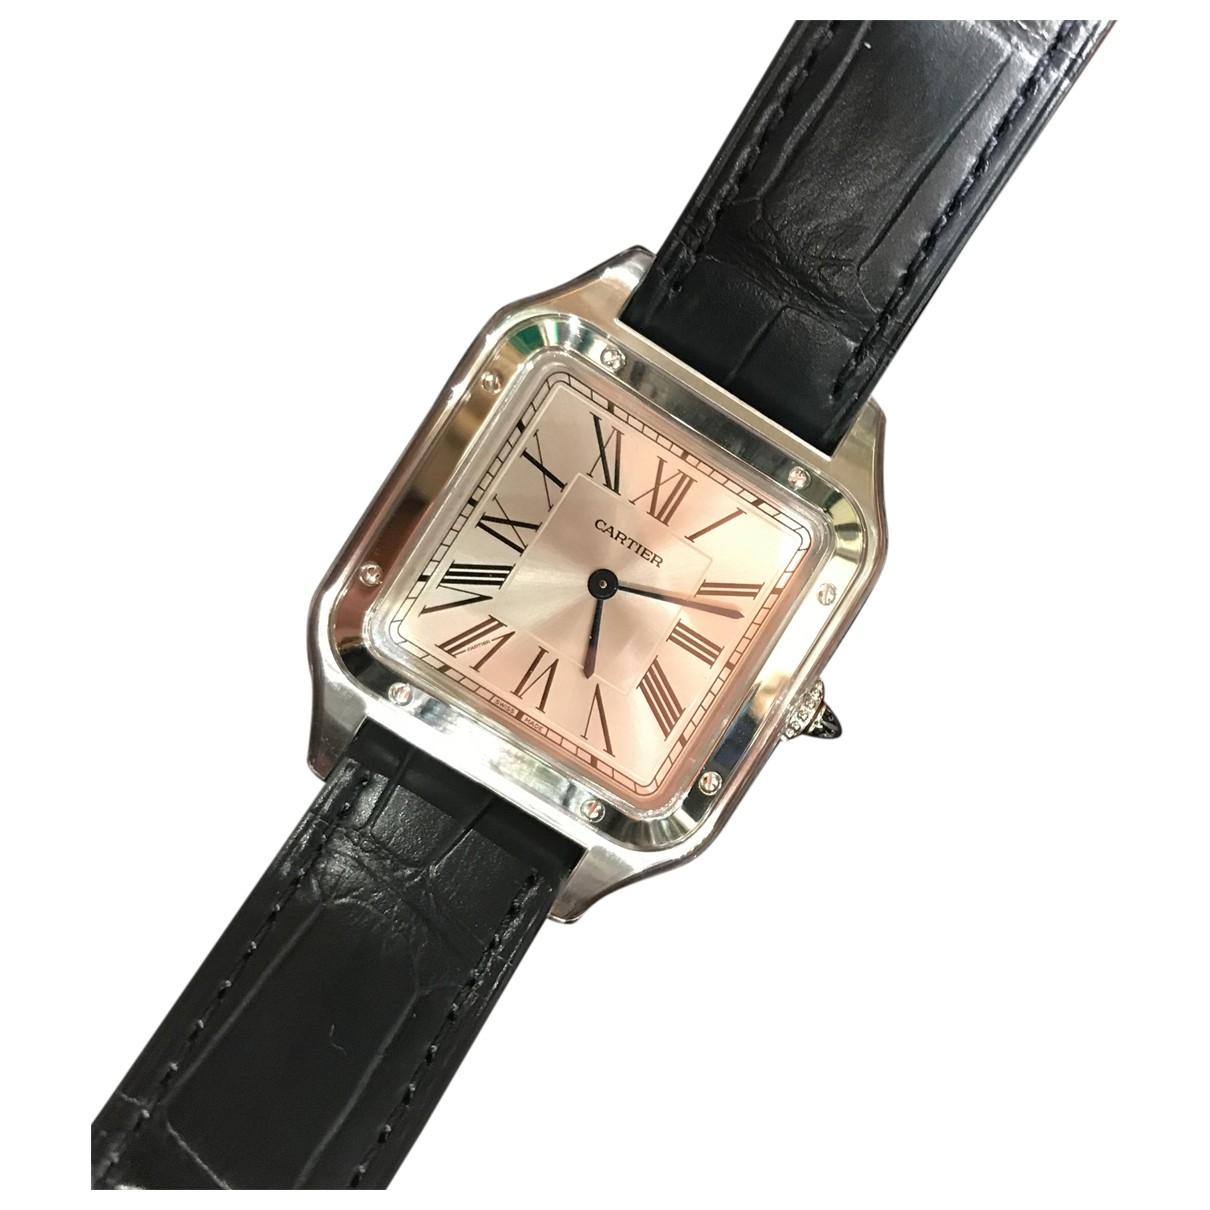 Cartier Santos Dumont  Uhr in  Silber Stahl